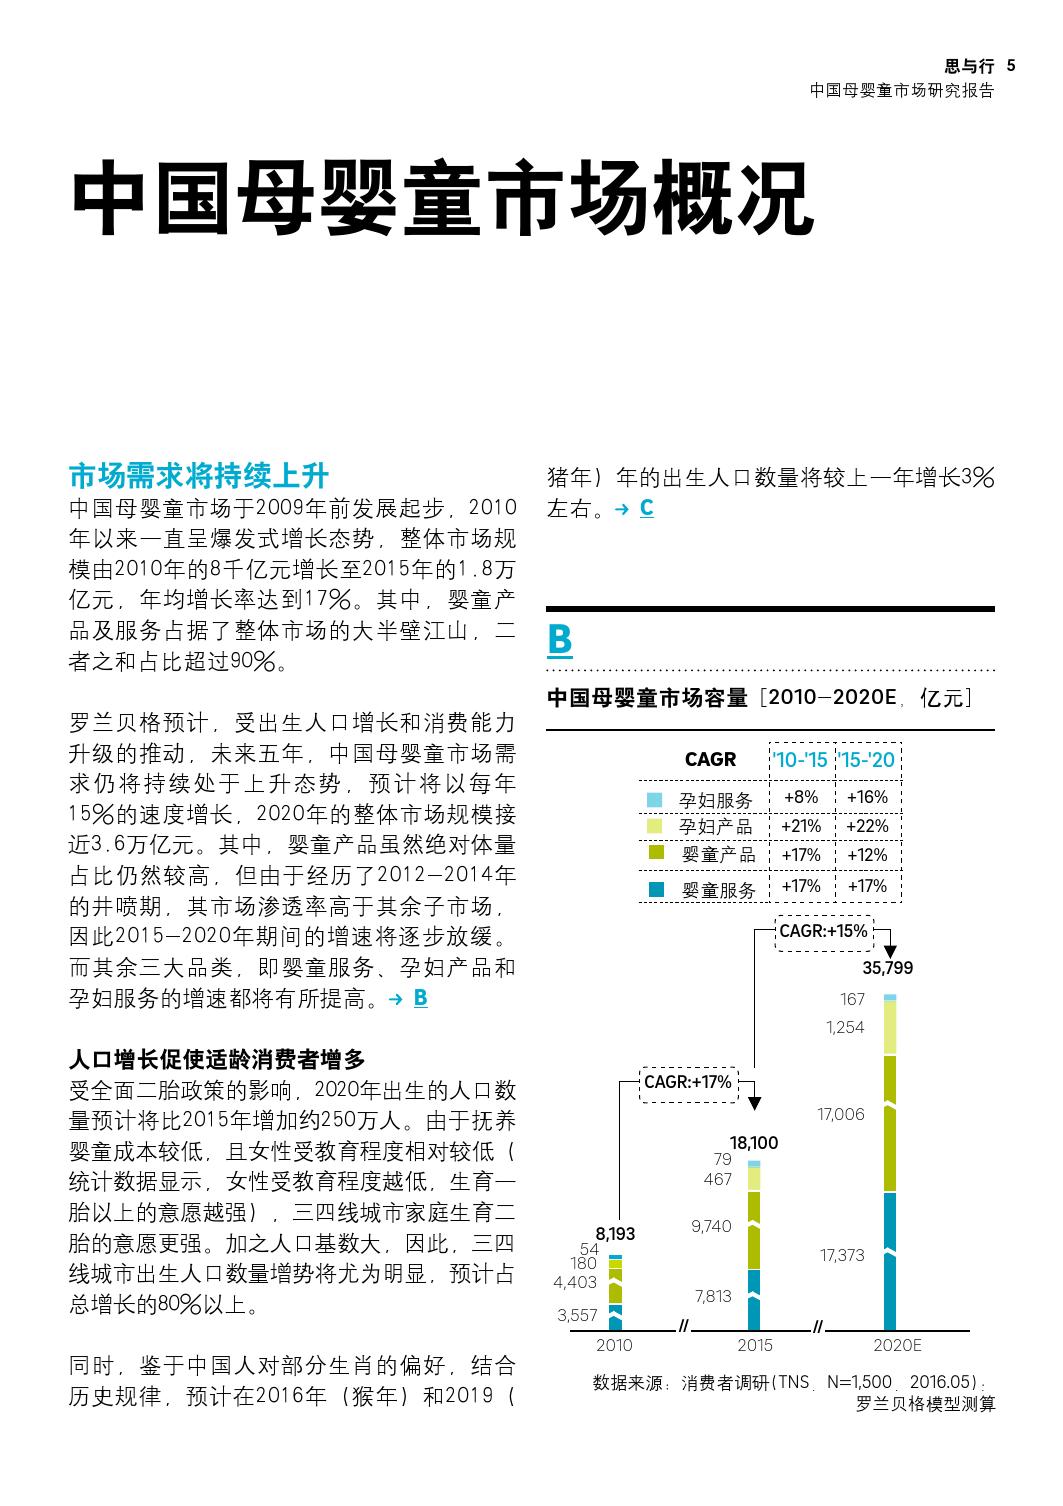 罗兰贝:2016中国母婴童市场研究报告_000005